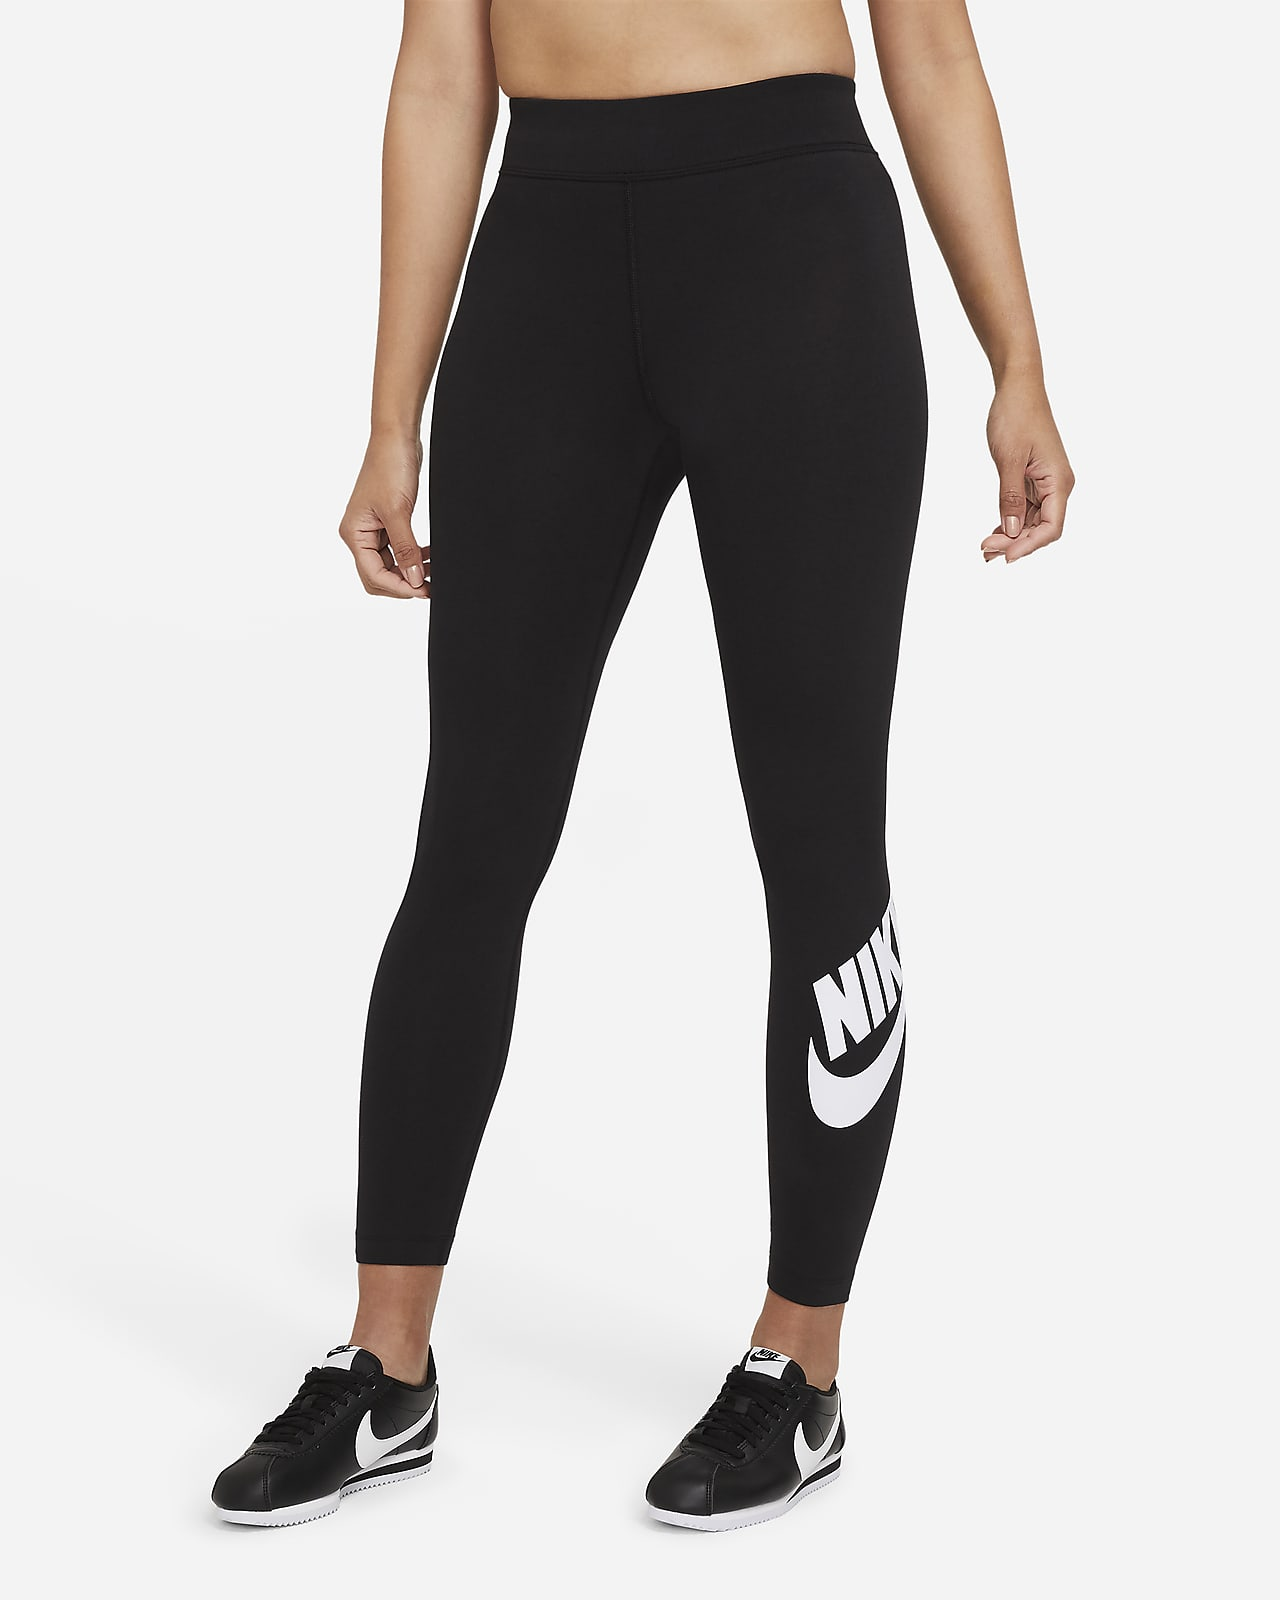 เลกกิ้งเอวสูงผู้หญิง Nike Sportswear Essential